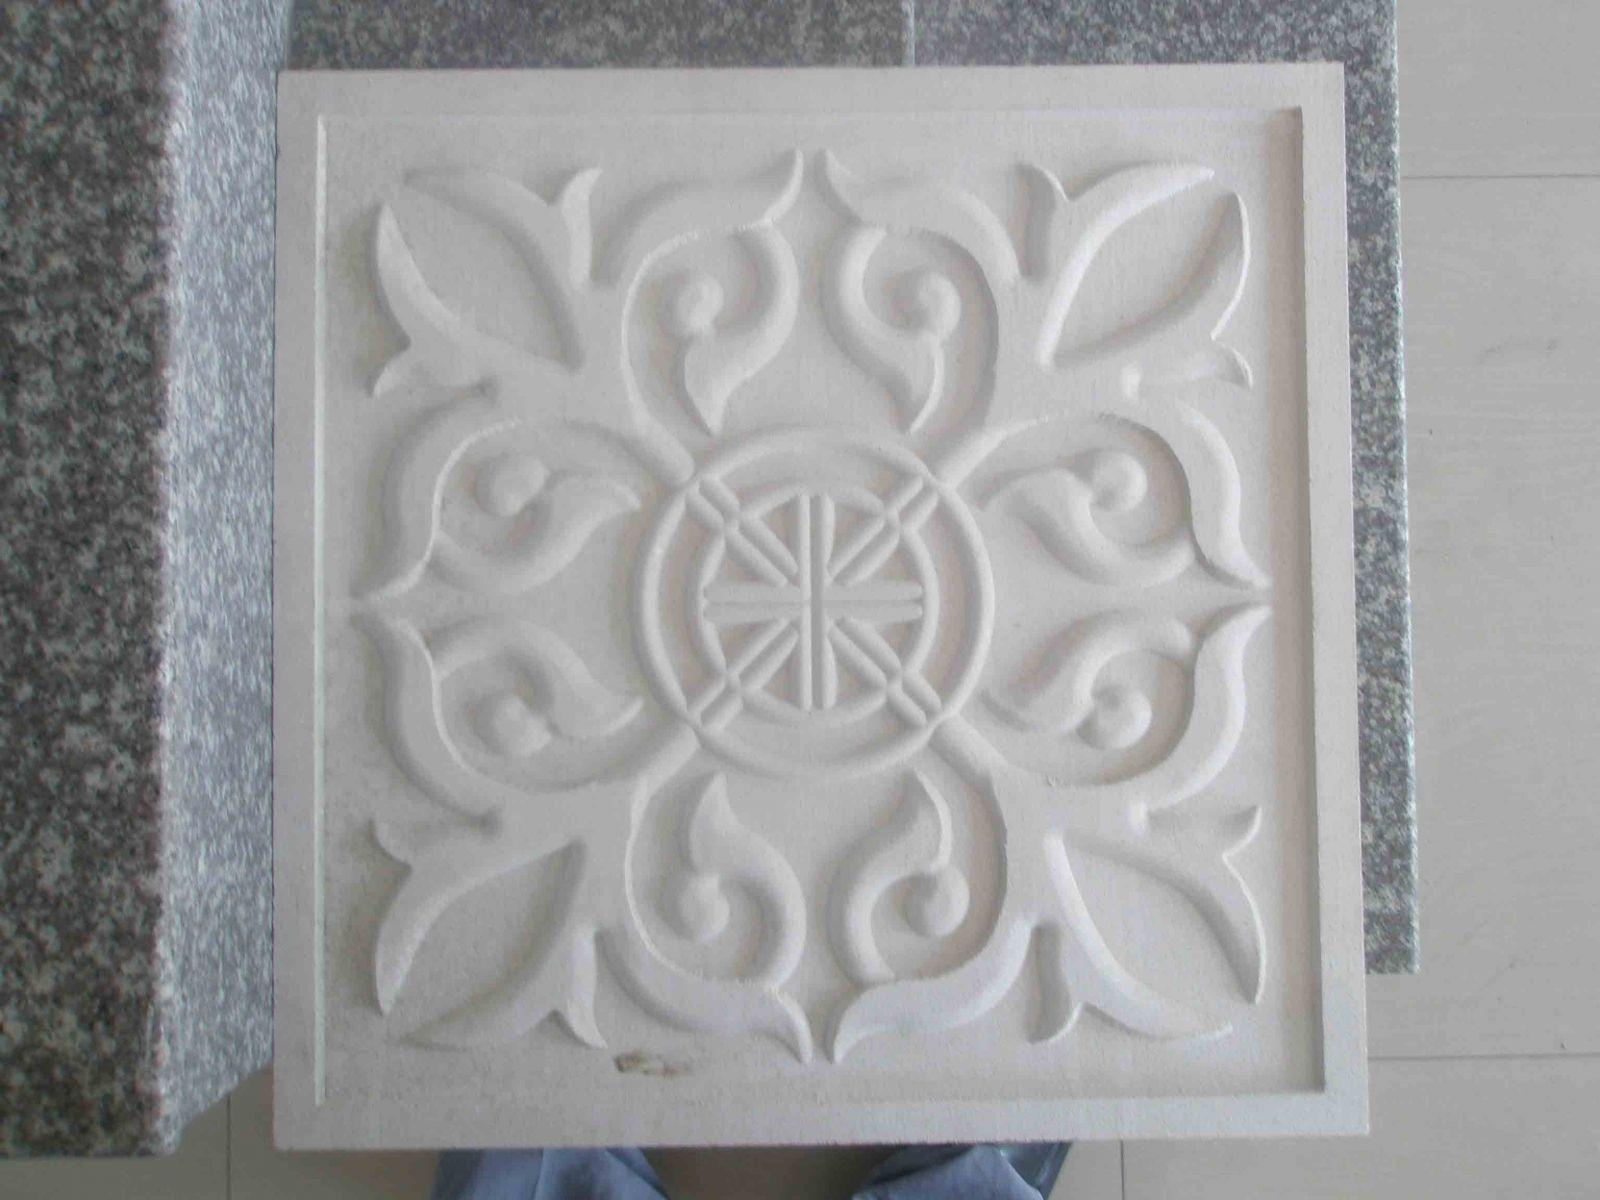 Gạch hoa văn trang trí được khắc từ máy khắc Thạch cao